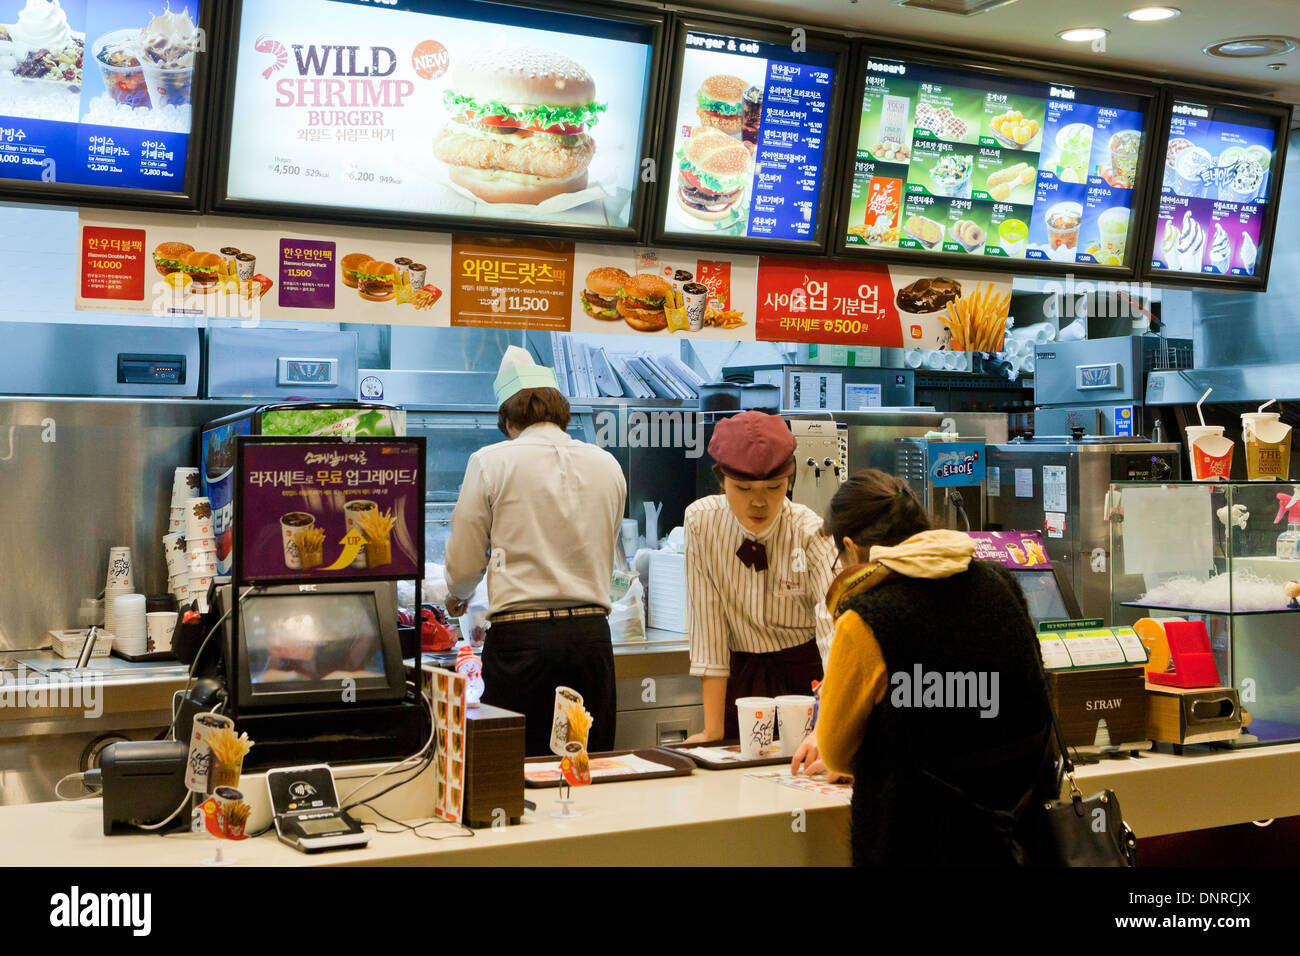 Fast Burger Food Truck